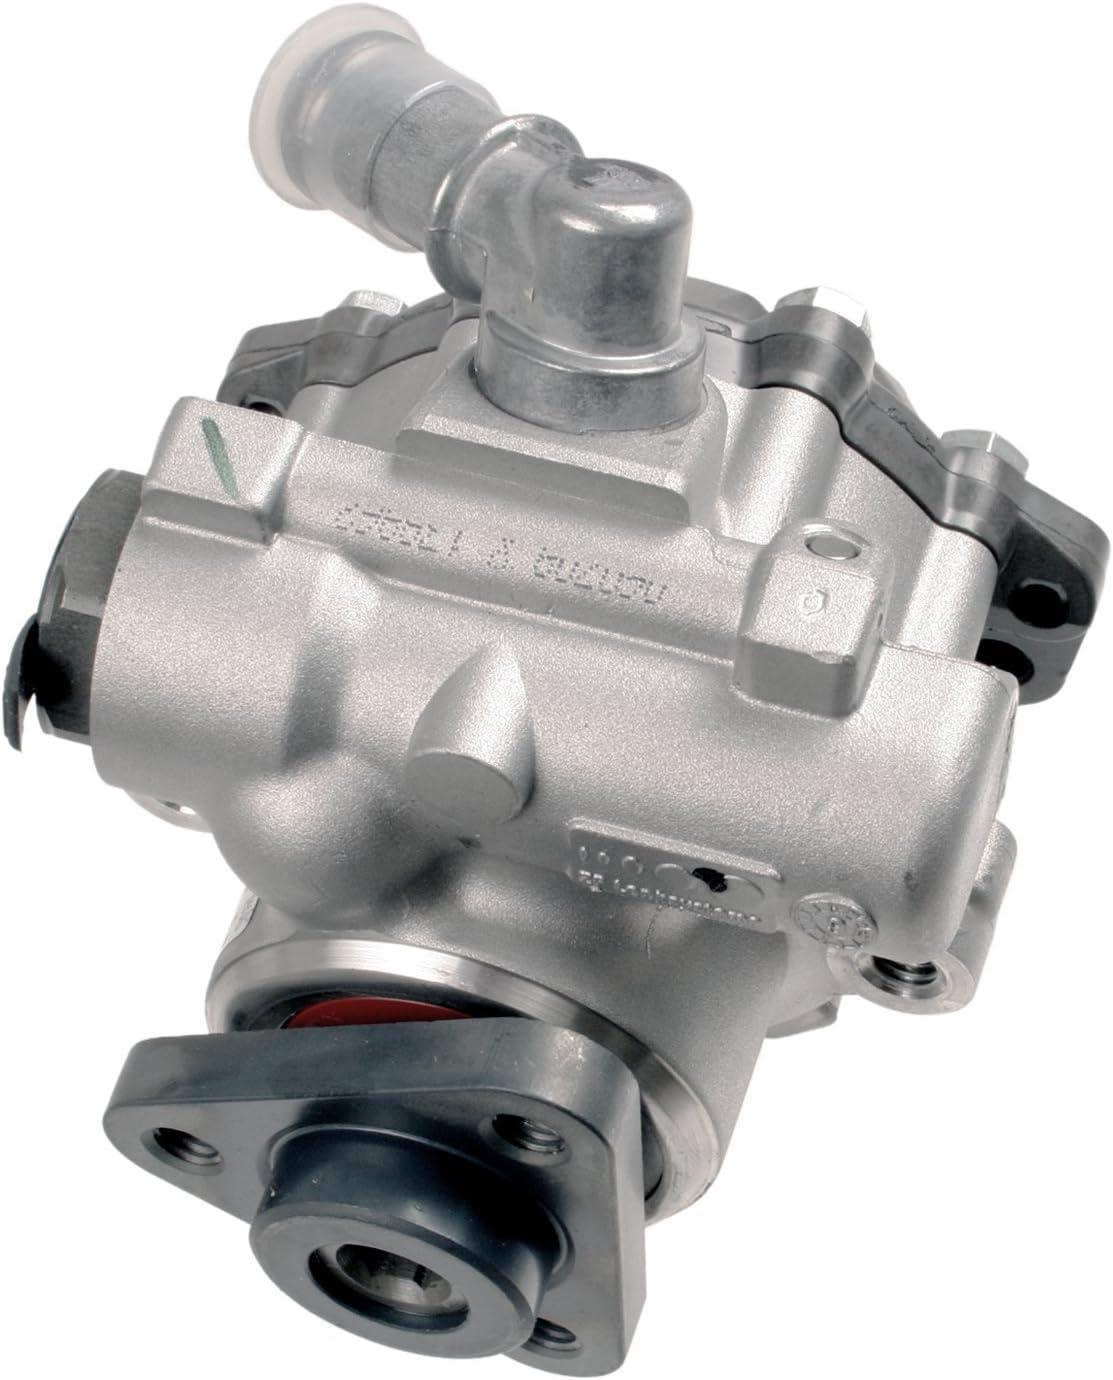 買い物 Bosch KS01000654 最新号掲載アイテム Remanufactured Power Steering for Pump A6 Audi